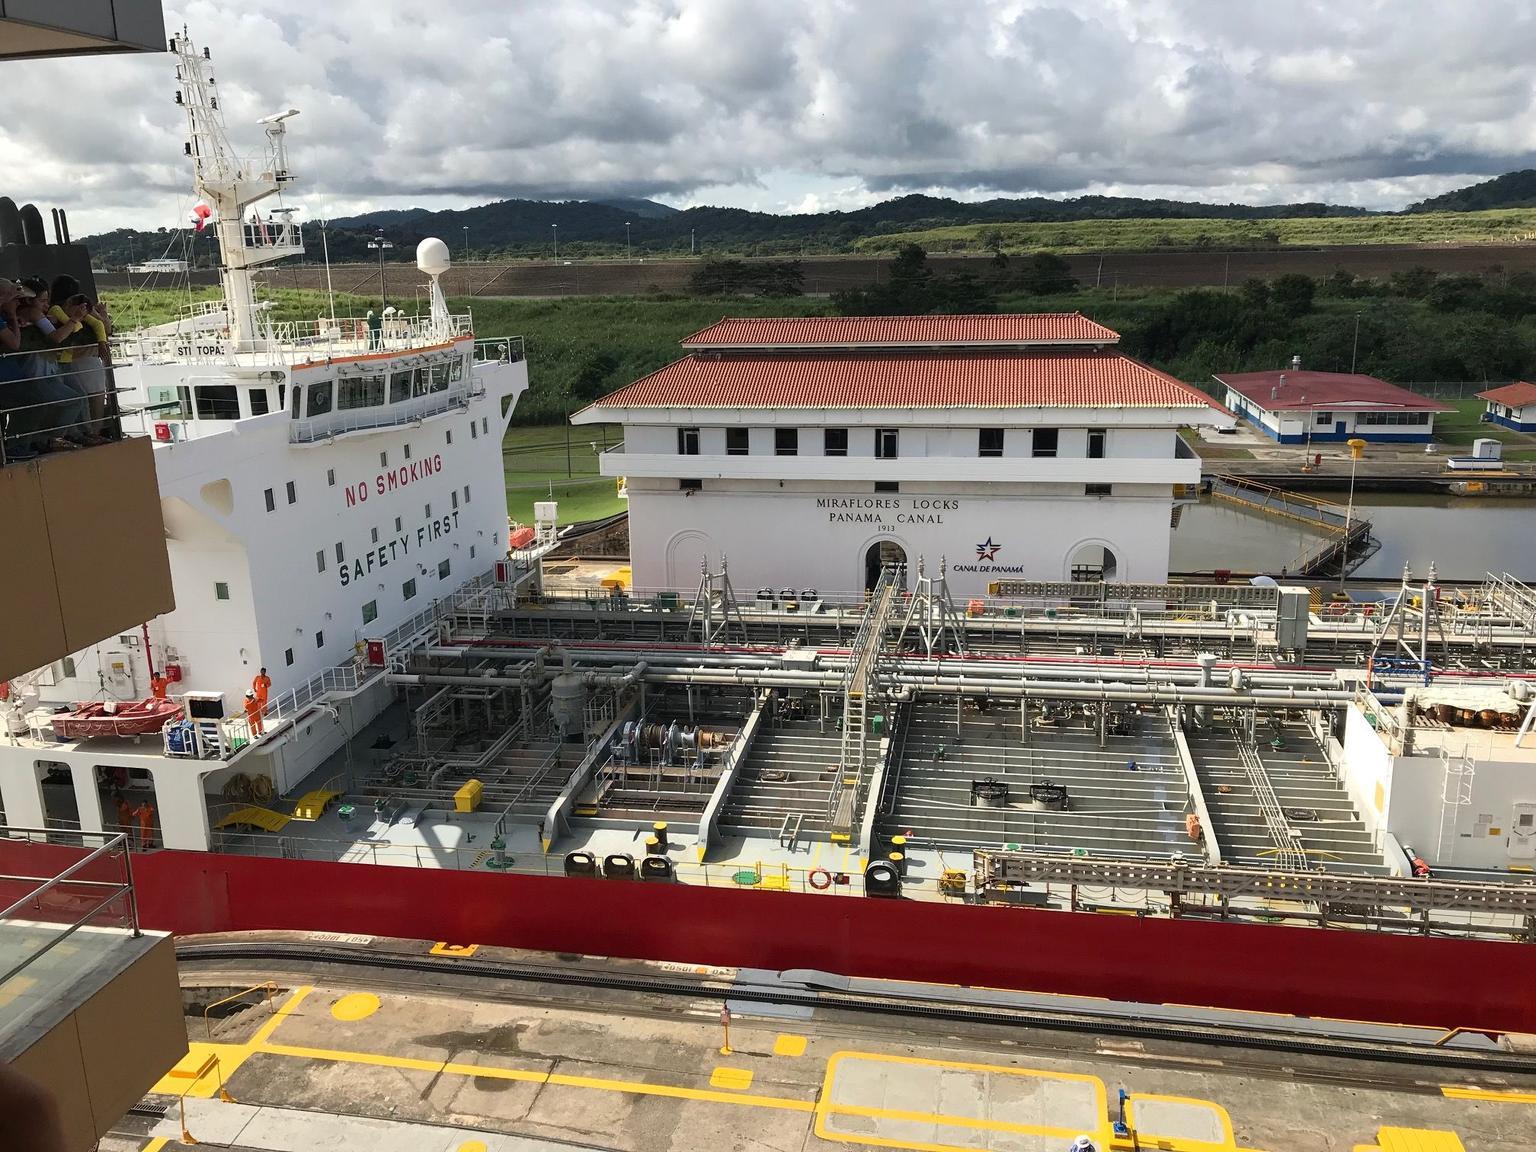 MÁS FOTOS, Colon Shore Excursion: Panama City and Canal Private Tour